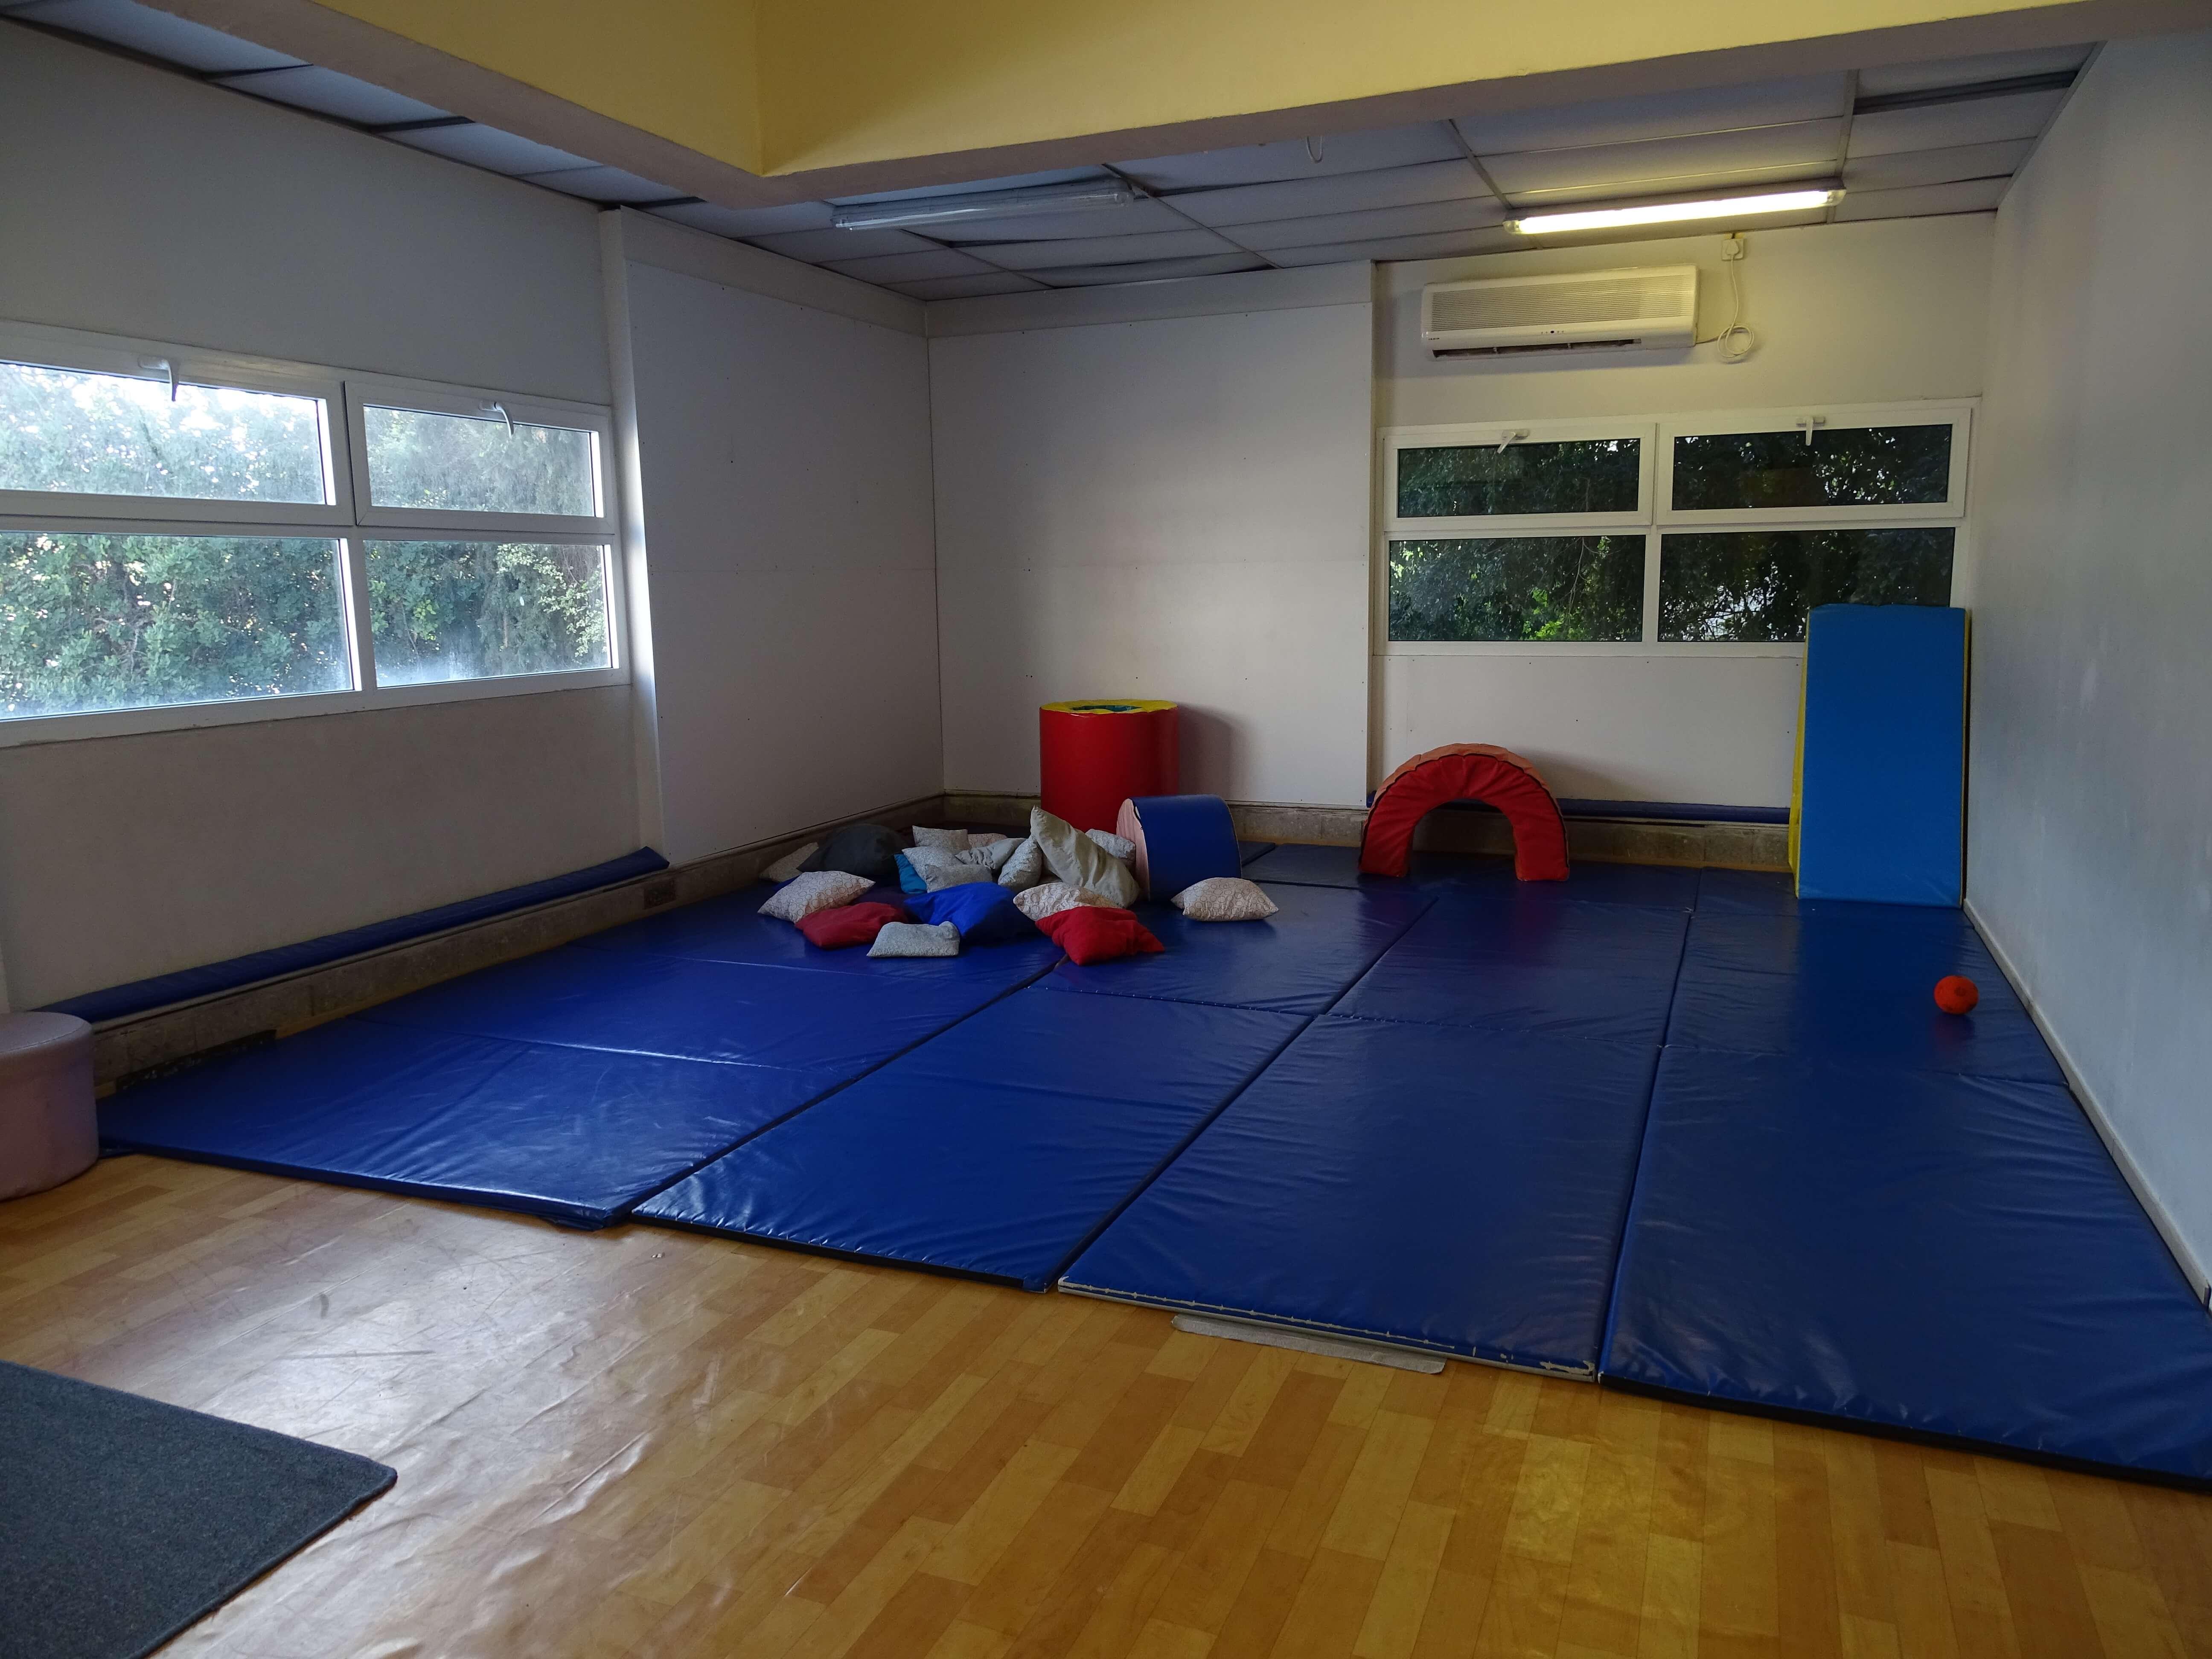 המכון של חגי ודורון - עיצוב התנהגות לילדים